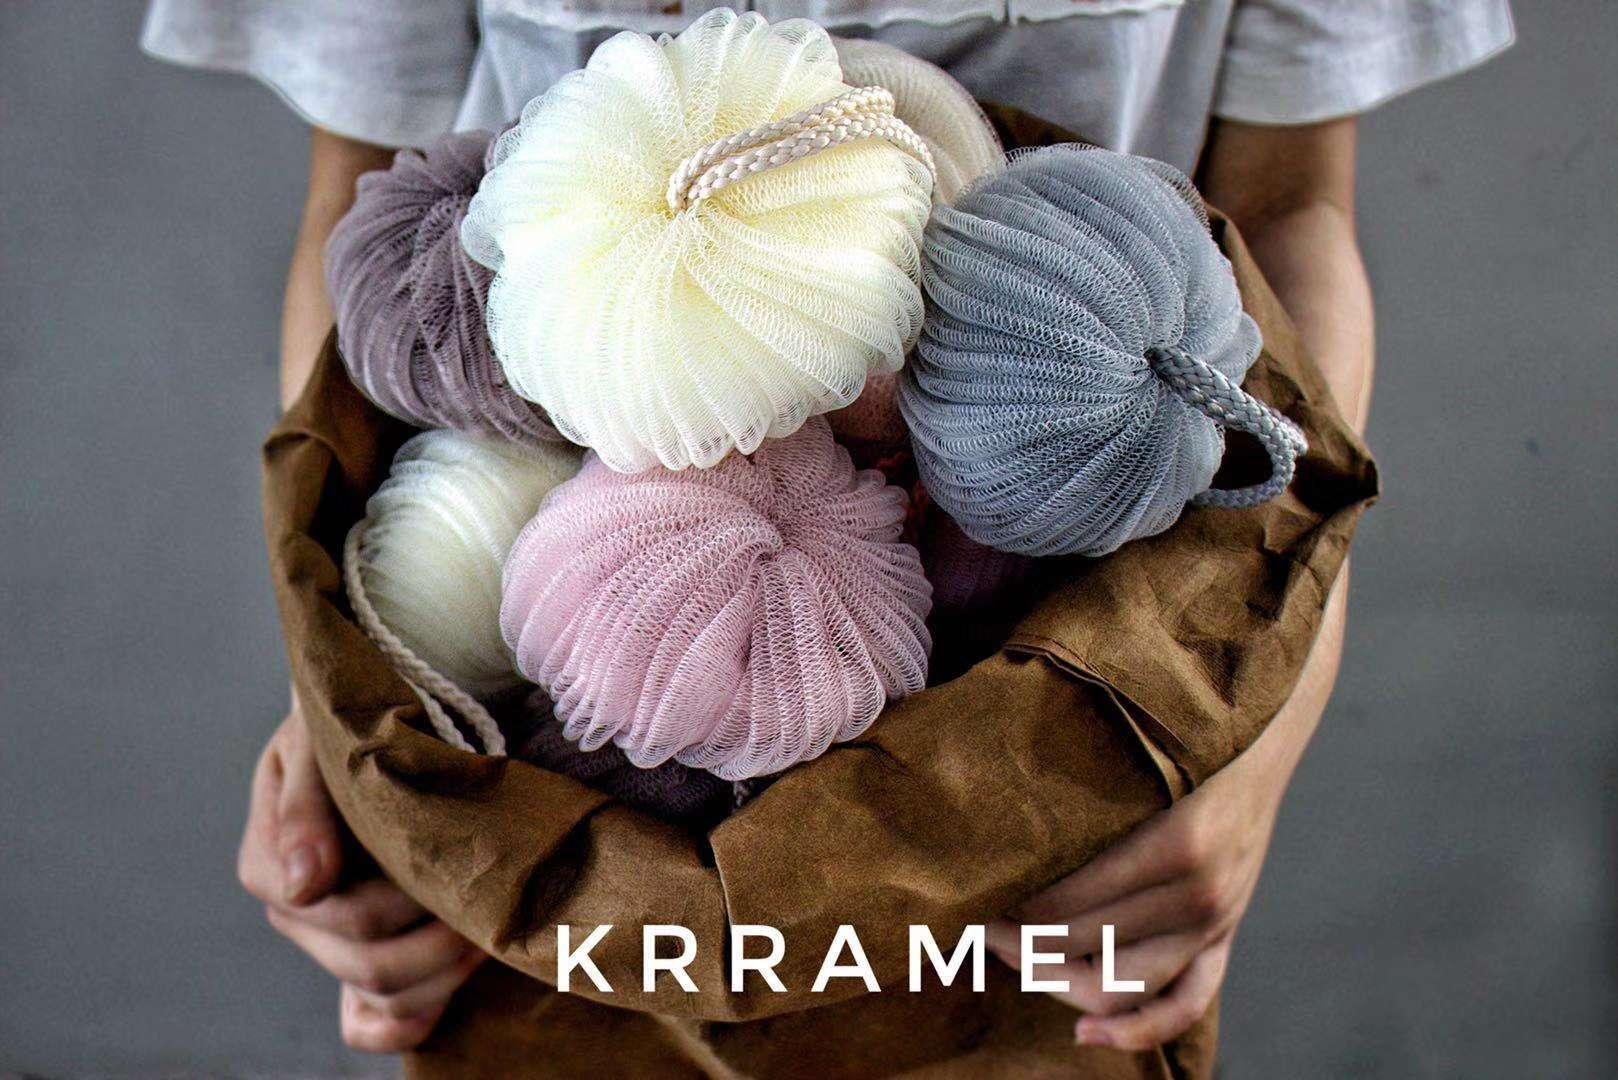 krramel沐浴泡泡清洁南瓜球 可爱便捷造型